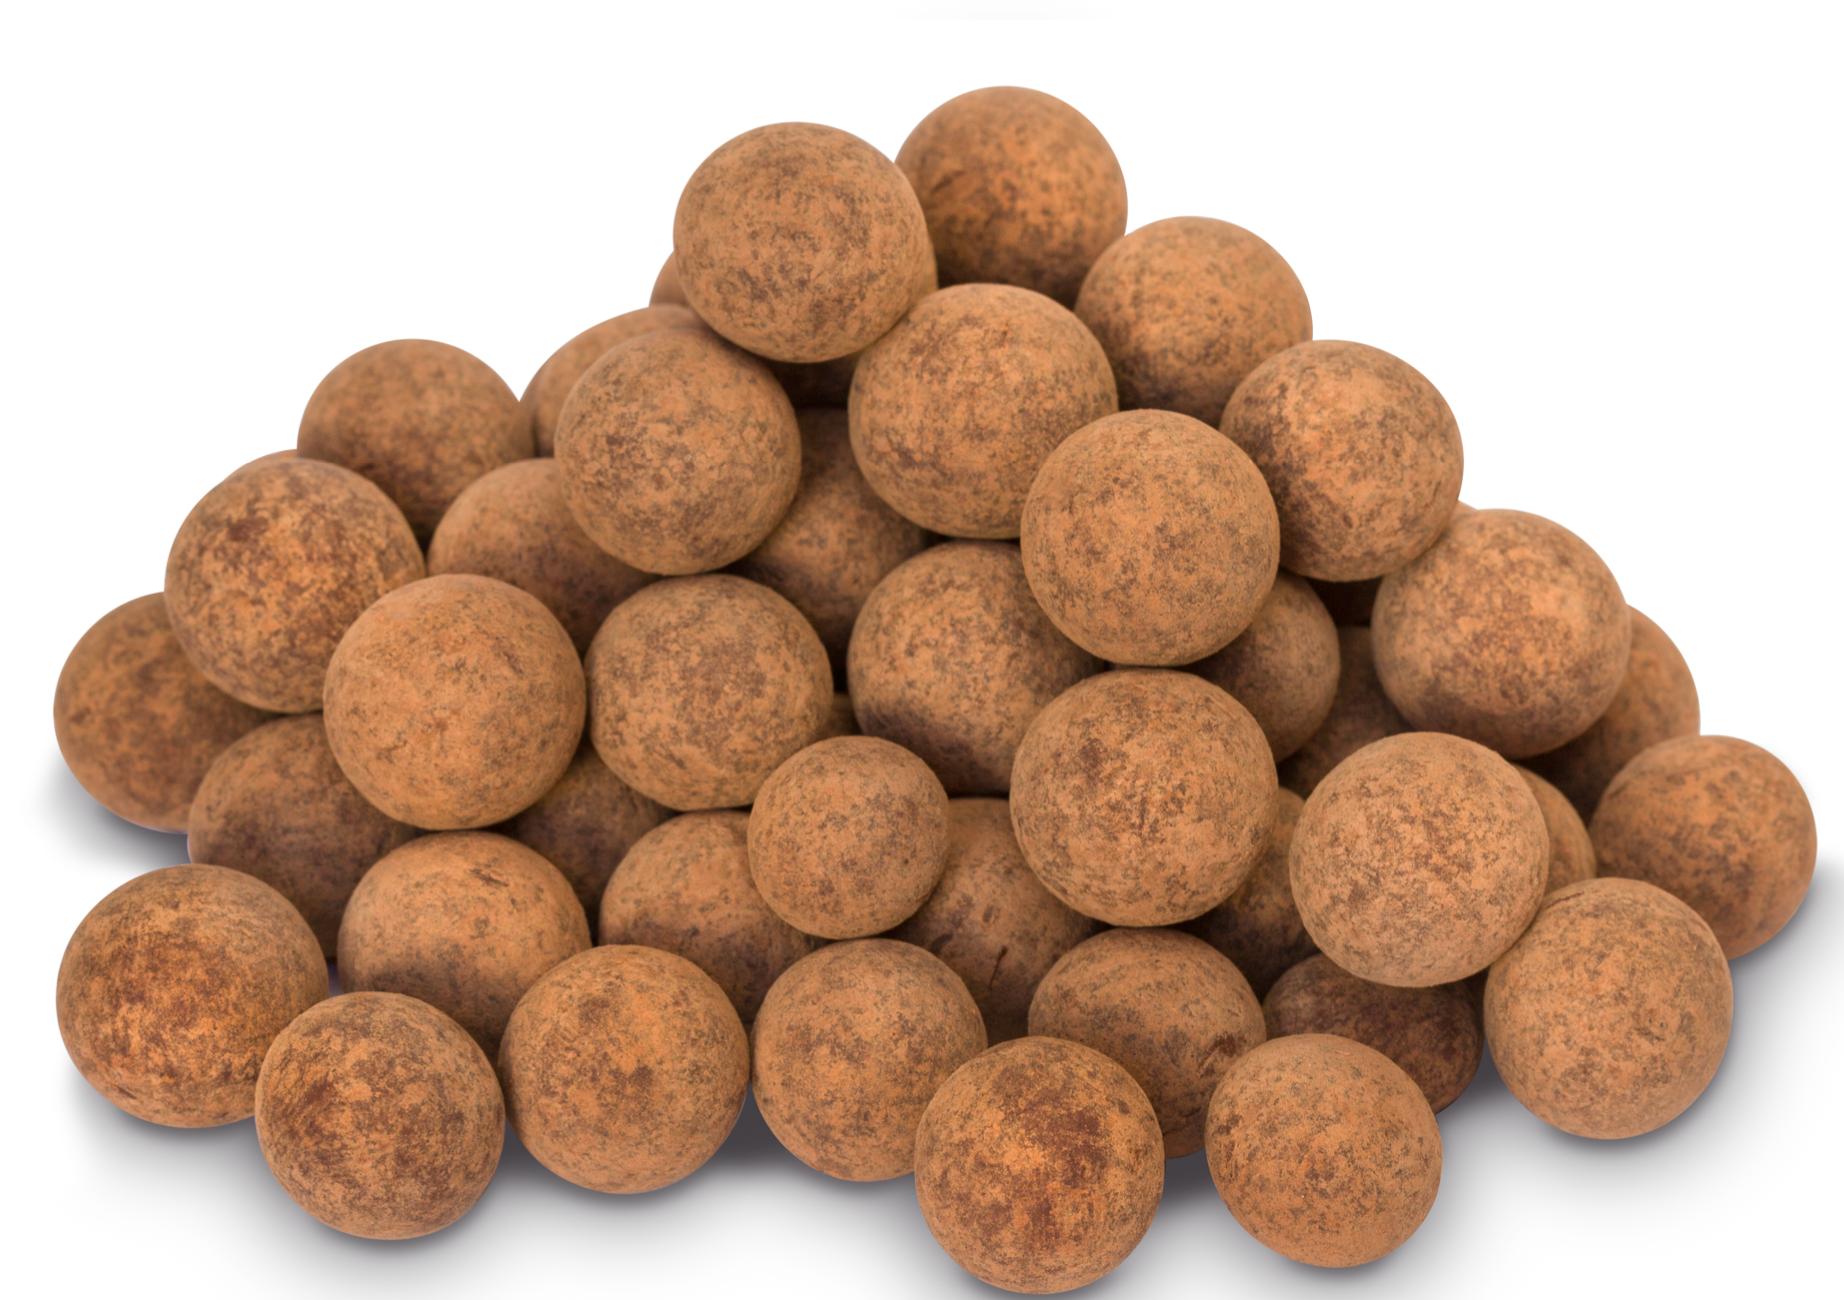 Raw Chocolate Salted Hazelnuts | Raw Chocolate Company